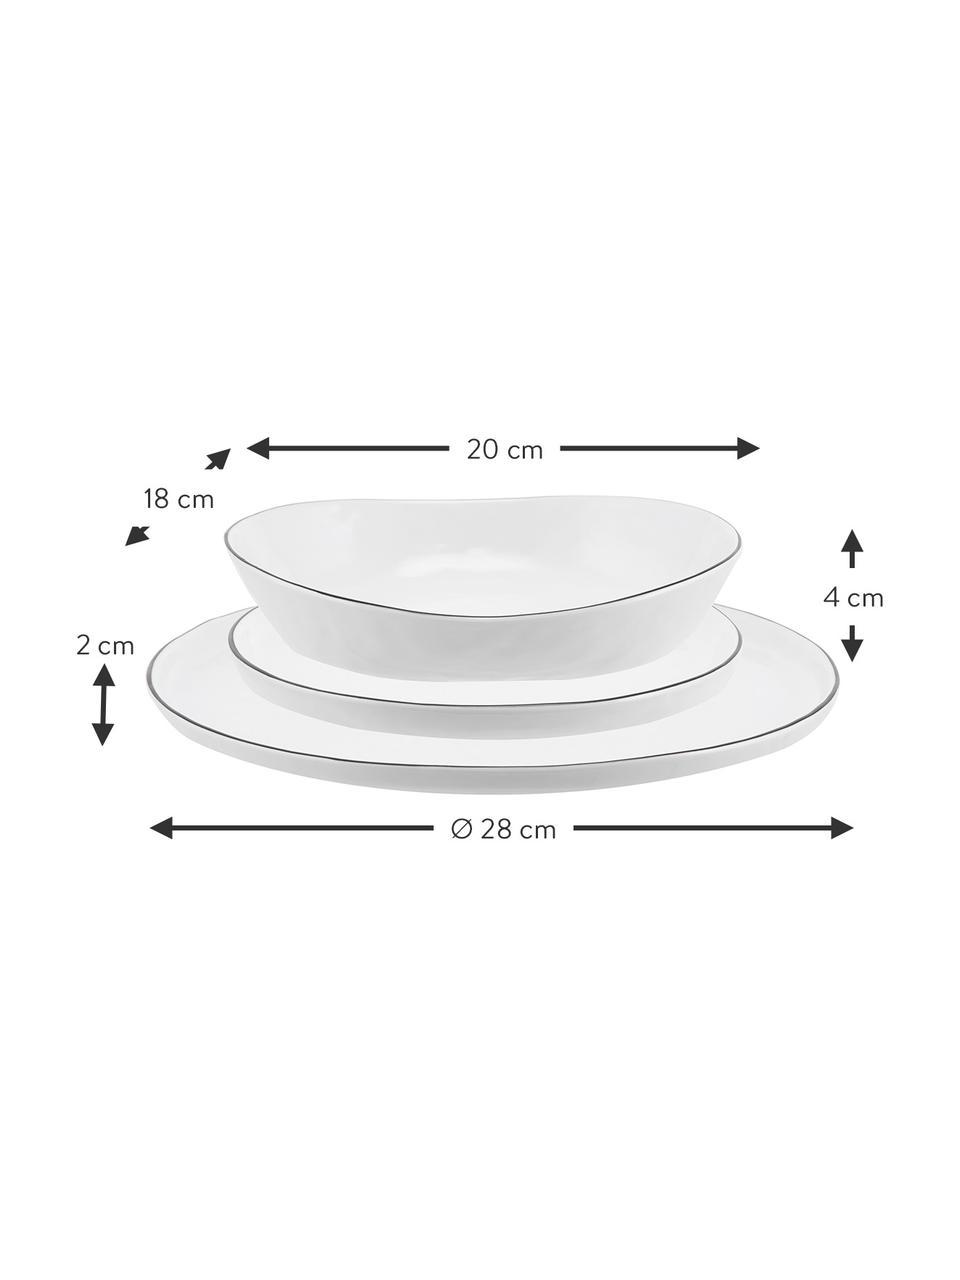 Handgemachtes Geschirr-Set Salt mit schwarzem Rand, 4 Personen (12-tlg.), Porzellan, Gebrochenes Weiß, Schwarz, Sondergrößen